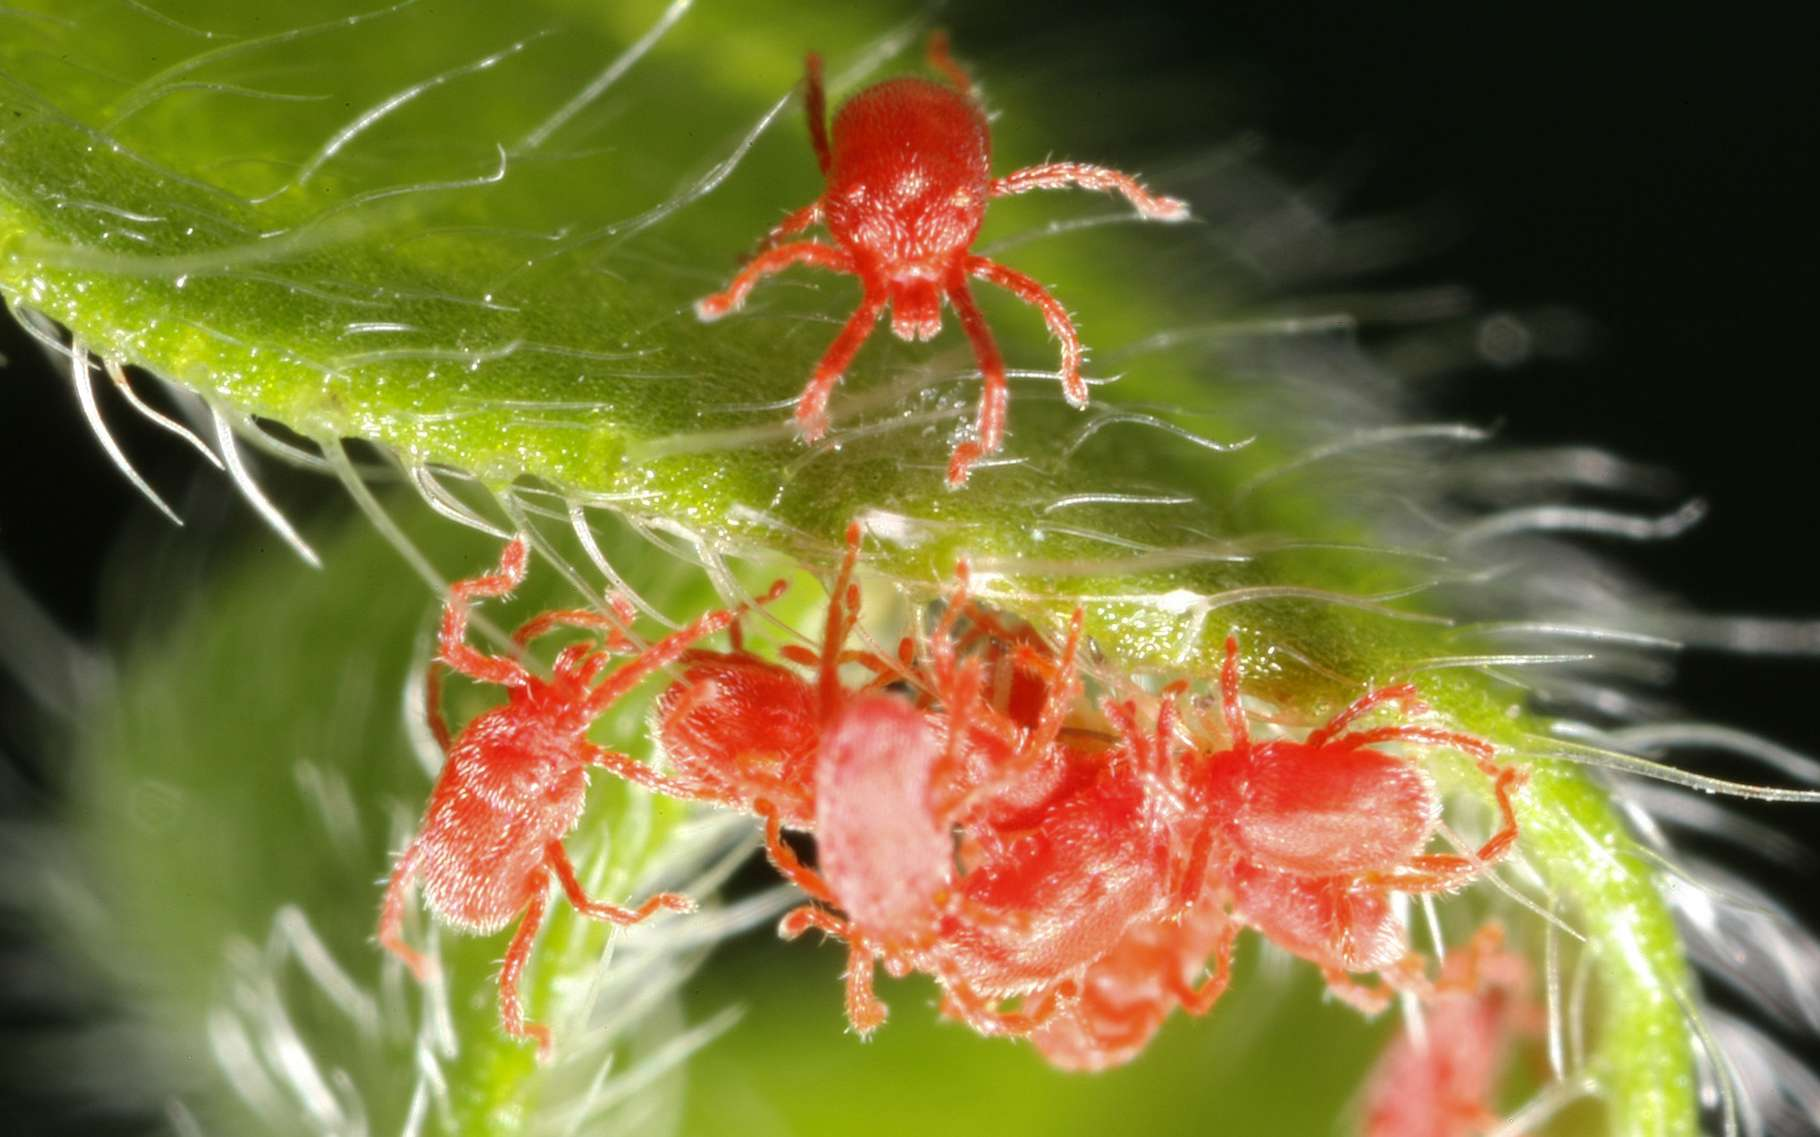 L'araignée rouge possède huit pattes et n'est donc pas un insecte (qui en a toujours six). On peut ainsi distinguer l'araignée rouge de la cochenille, autre parasite des végétaux. C'est un acarien, cousin des araignées. © chuc.de, Fotolia